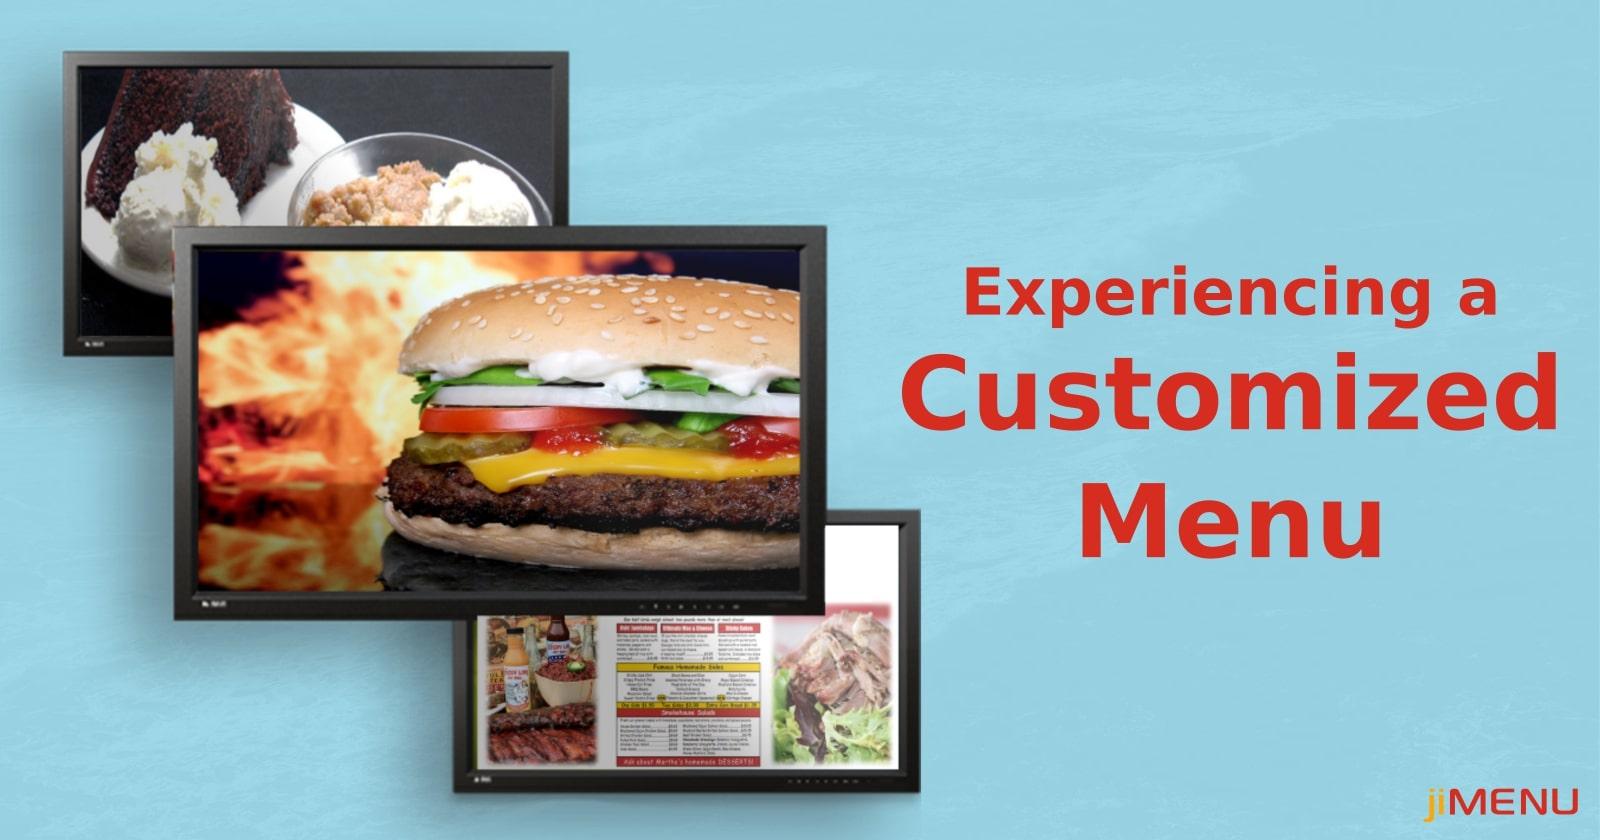 Acquiring the Customized Digital Menu in the Market!